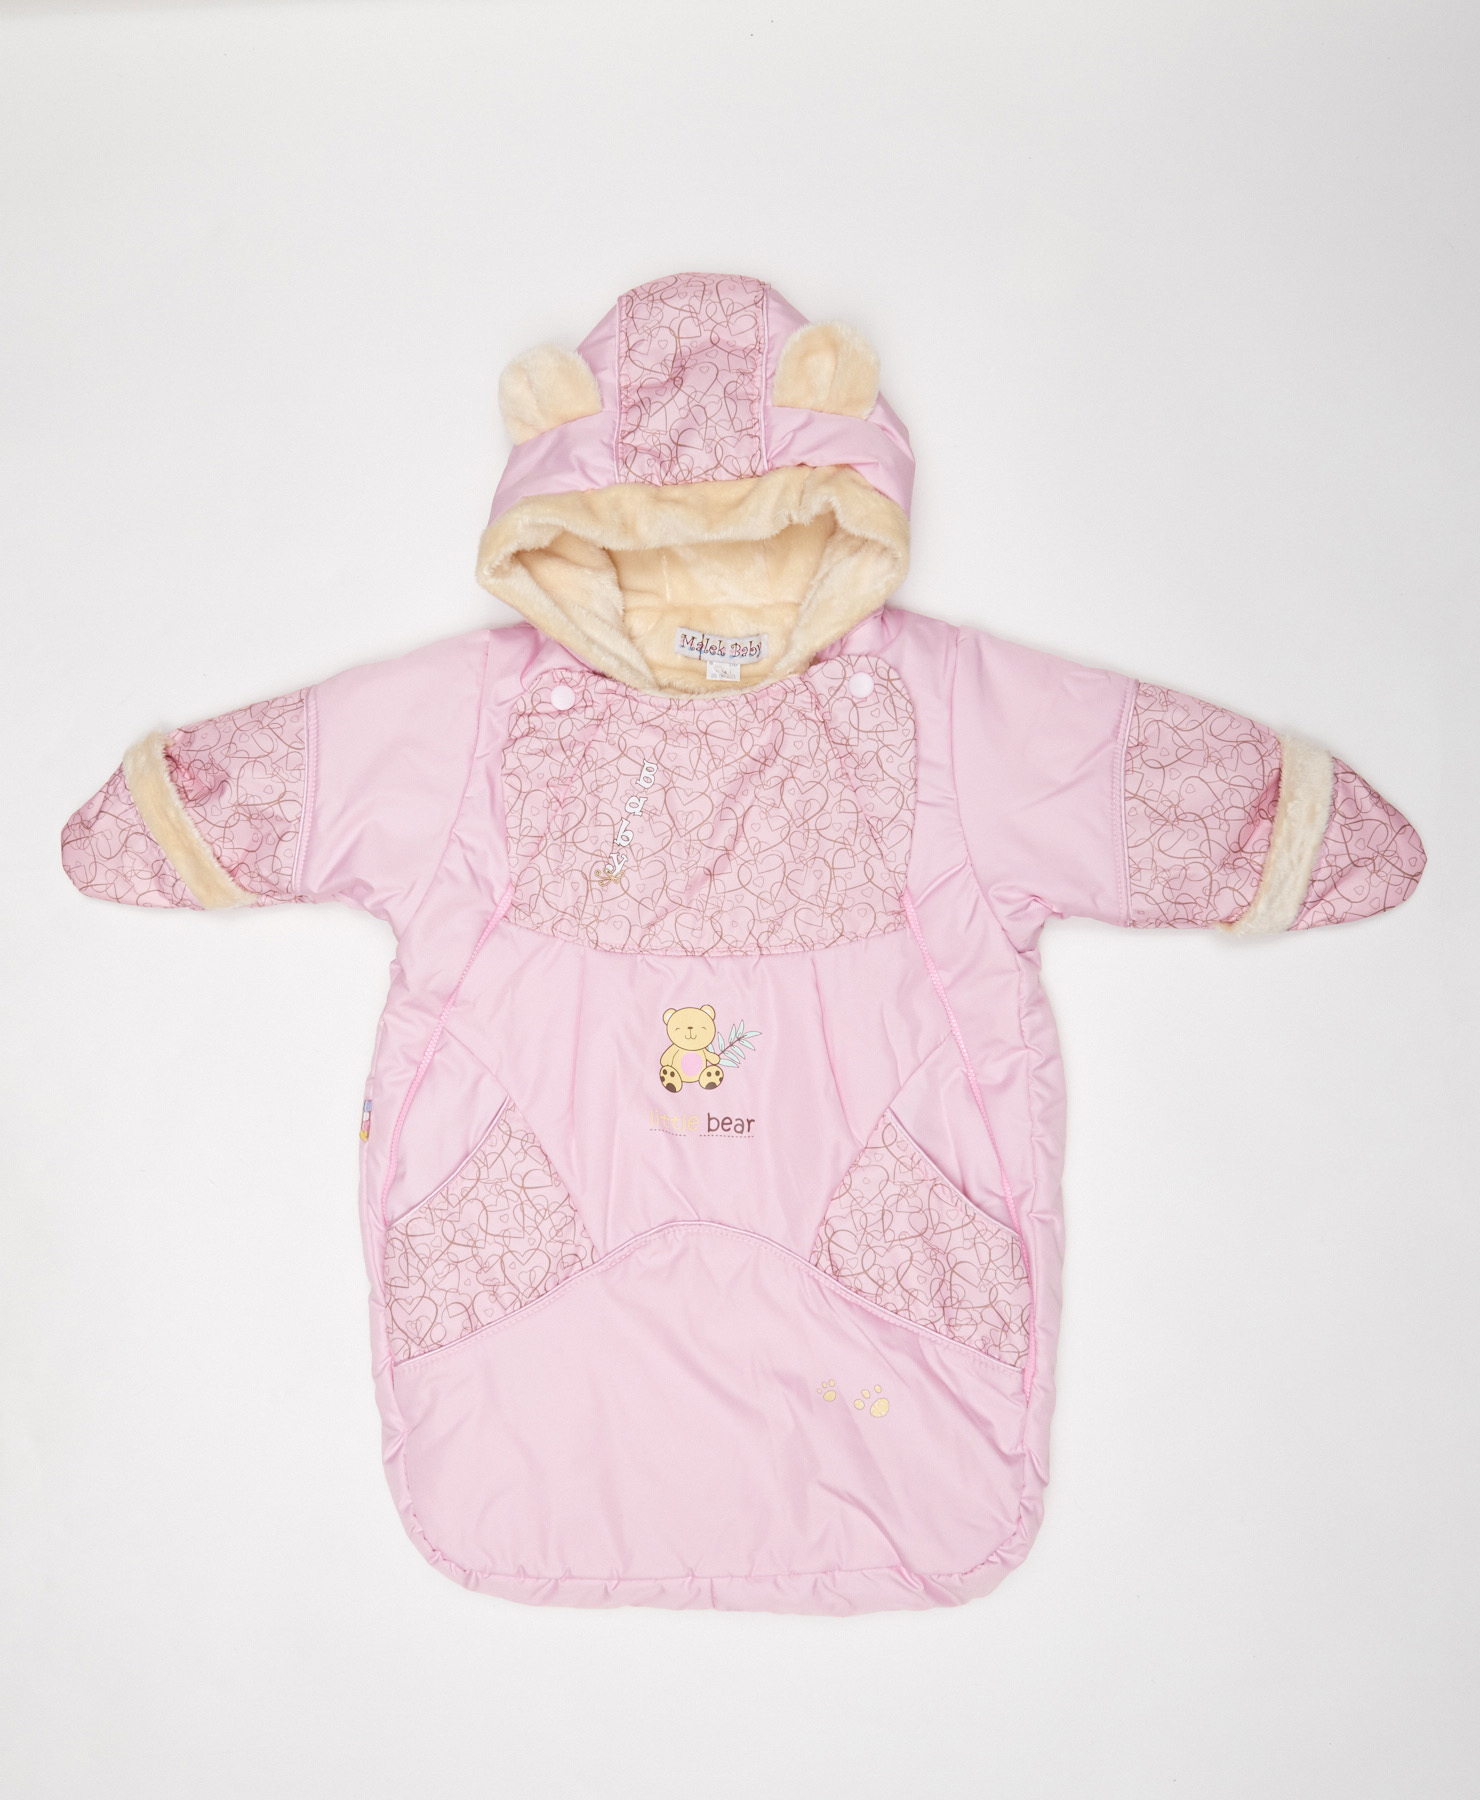 Конверты на выписку Конверт для новорожденного, Осень-Весна, Розовый 2422-29-490265.jpg